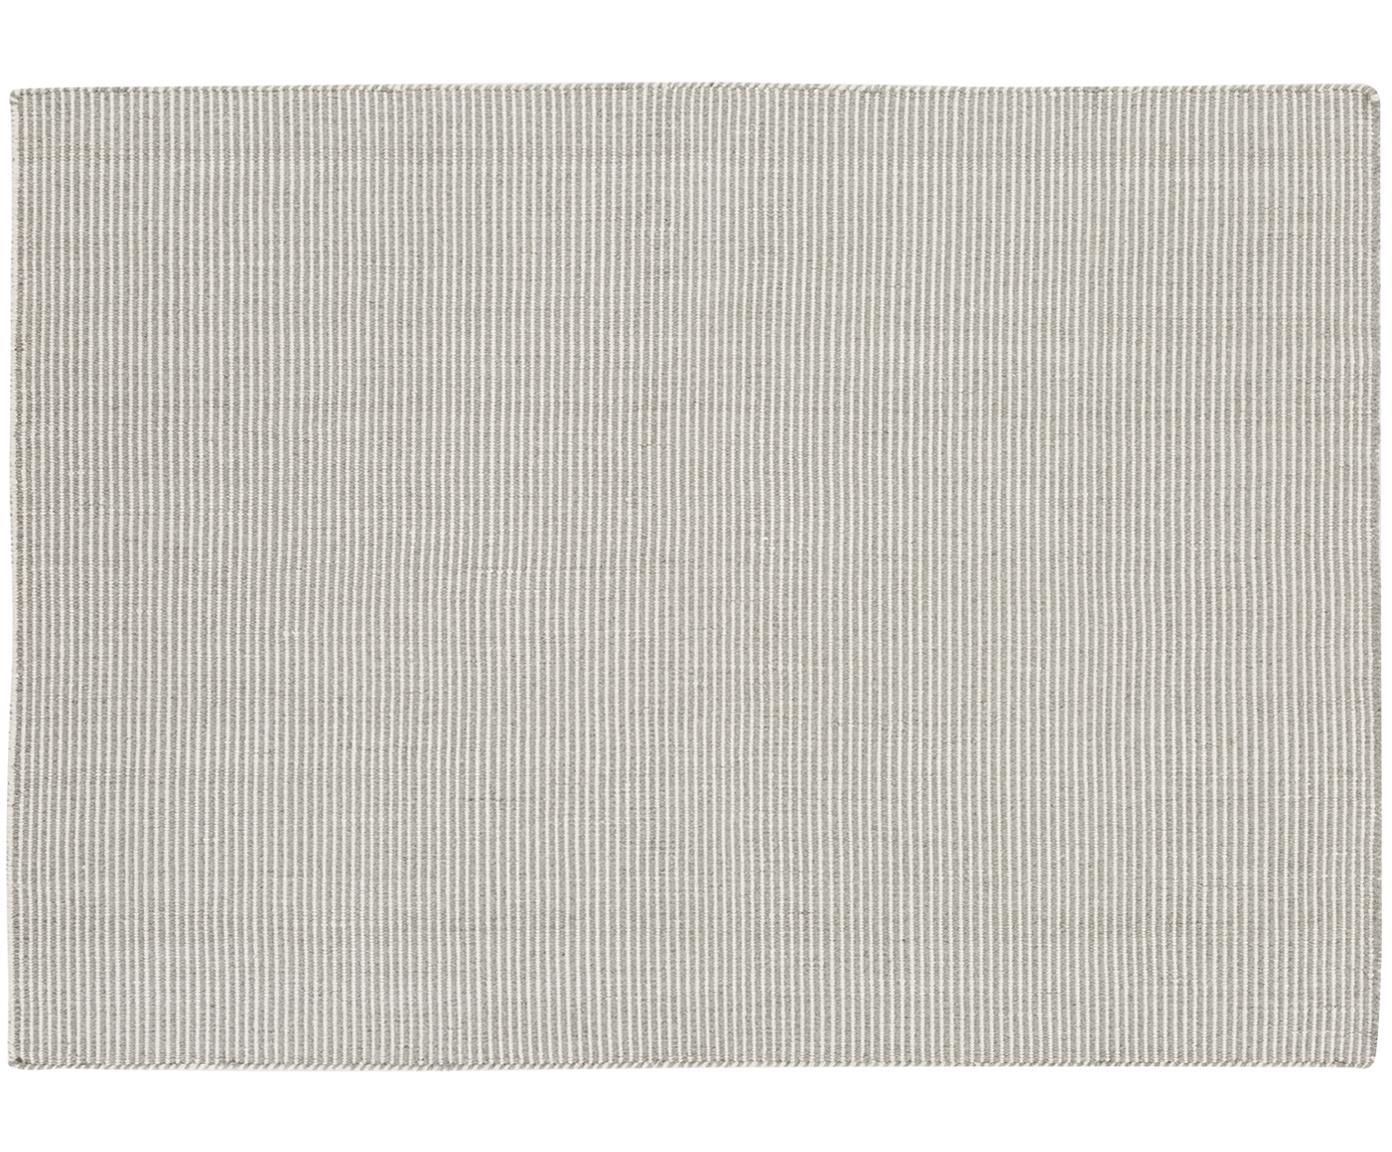 Alfombra artesanal de lana Ajo, Gris claro, crema, An 140 x L 200 cm (Tamaño S)